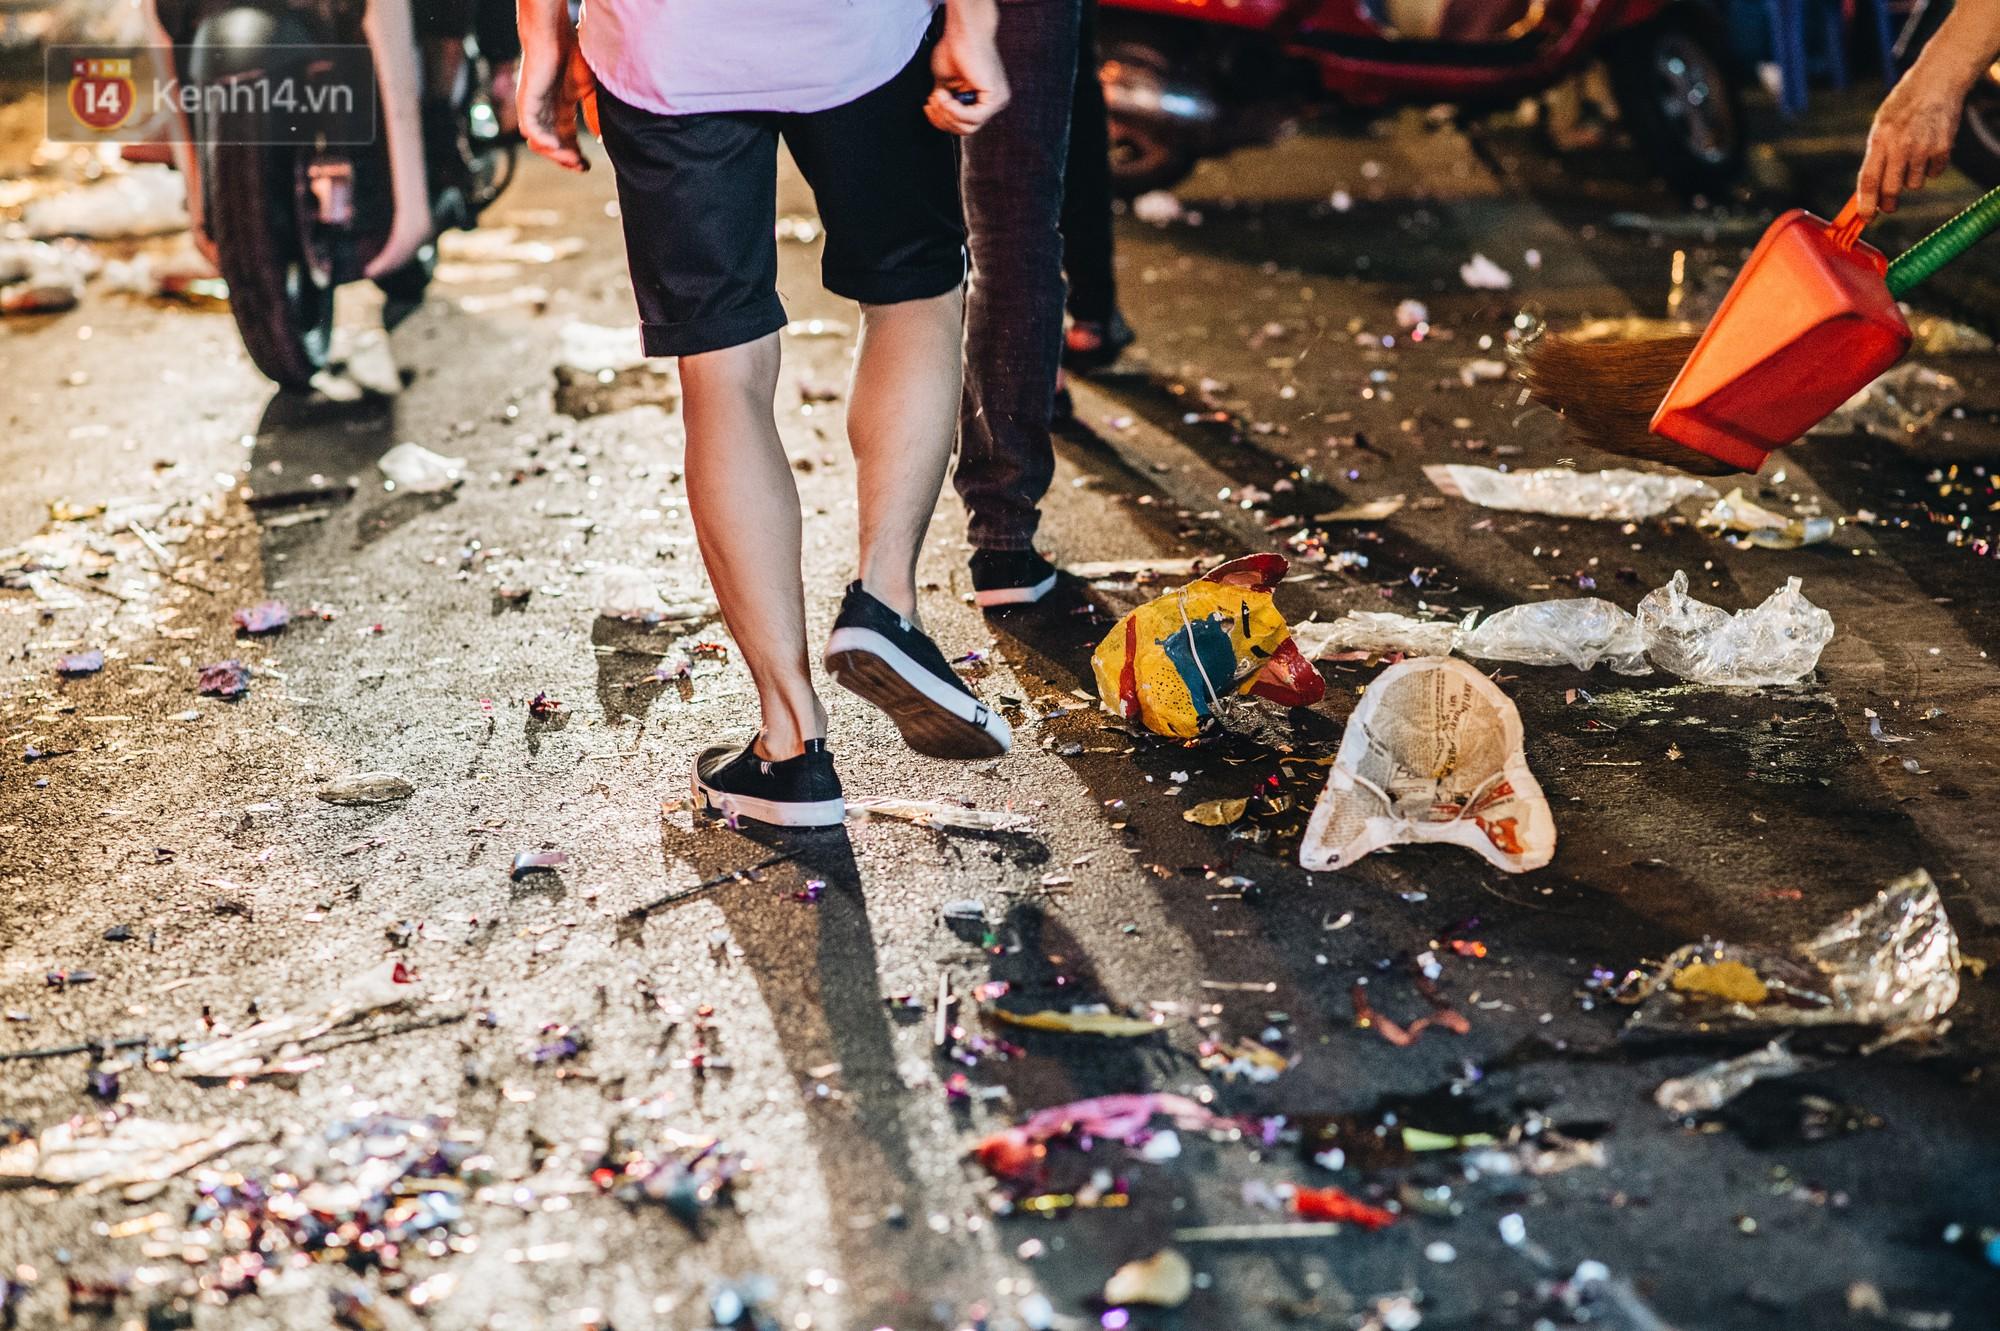 Sau Trung Thu, chợ truyền thống ở Hà nội ngập trong rác thải - Ảnh 8.